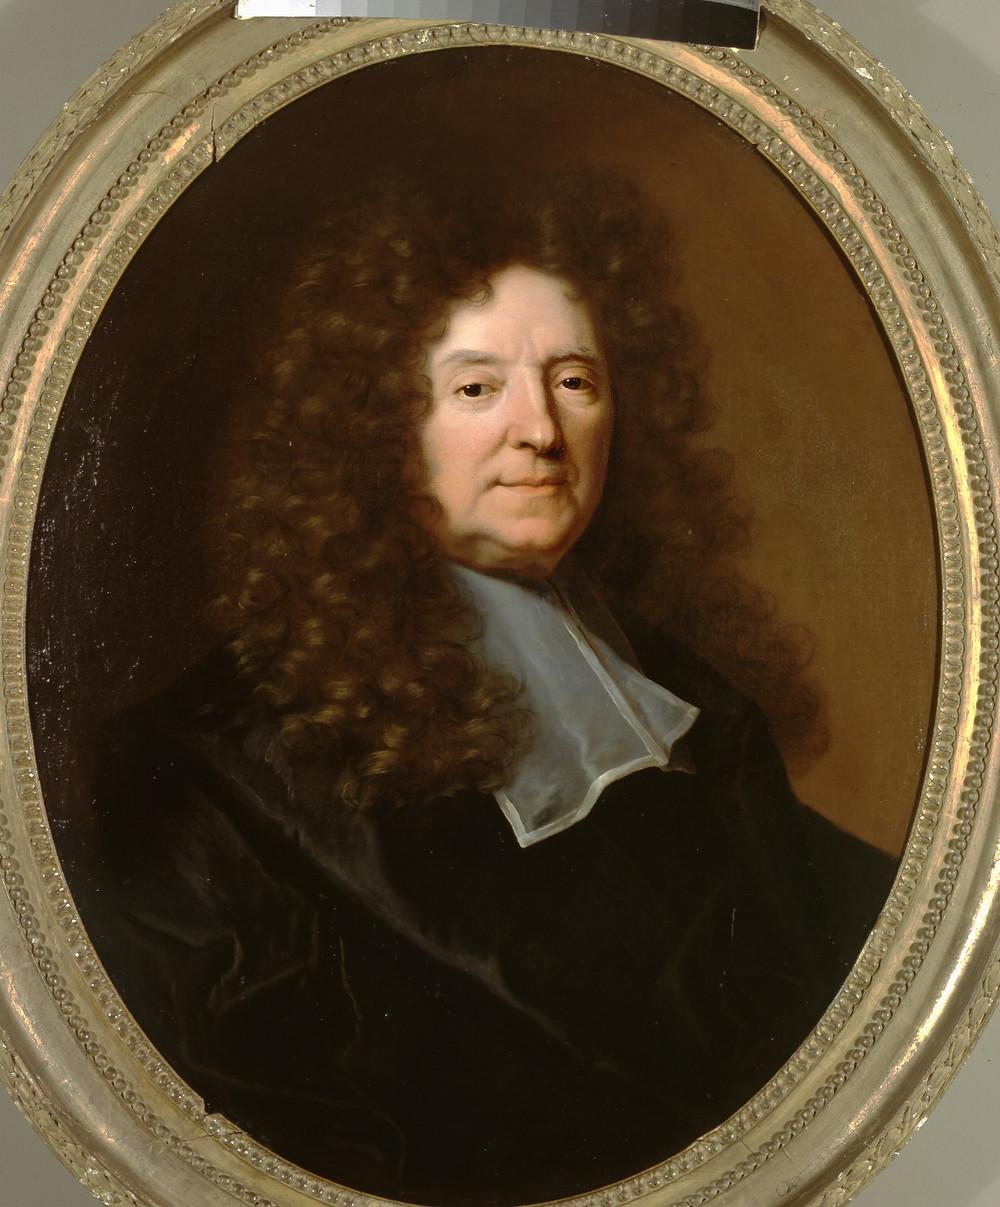 Hyacinthe Rigaud, Portrait de Charles de Parvillez, 1692, Nîmes, musée des Beaux-Arts, inv. IP 156